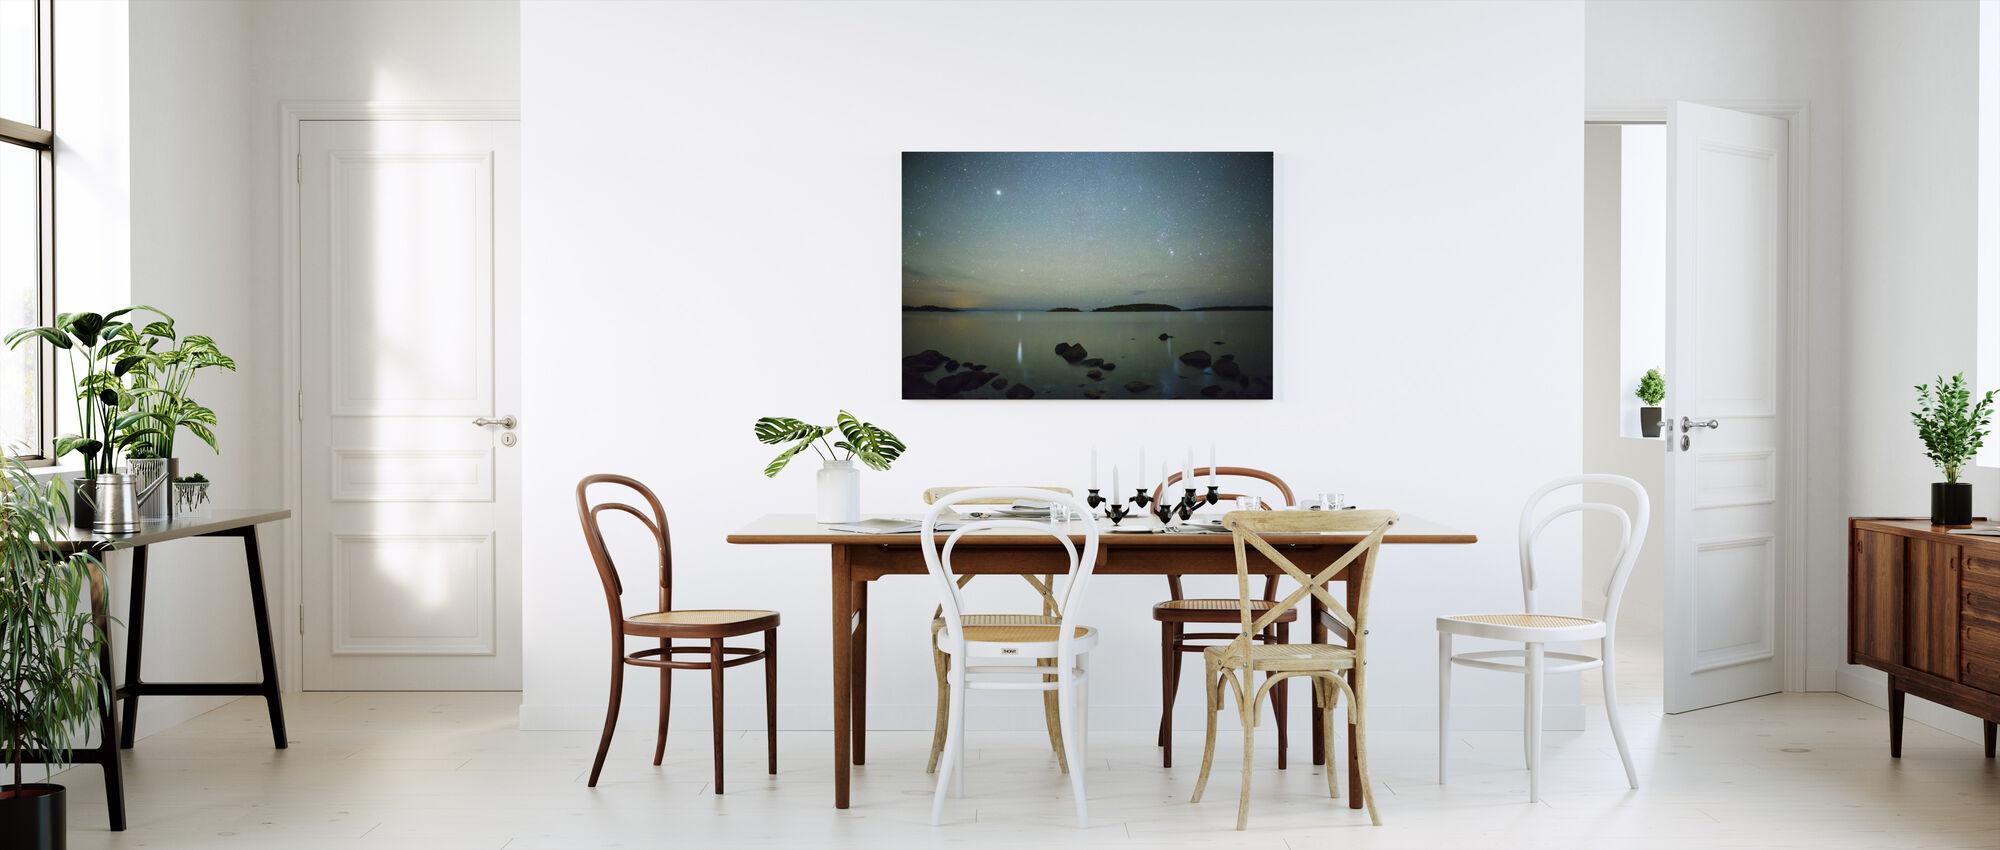 Starry Sky over Juniskär, Sverige - Billede på lærred - Køkken